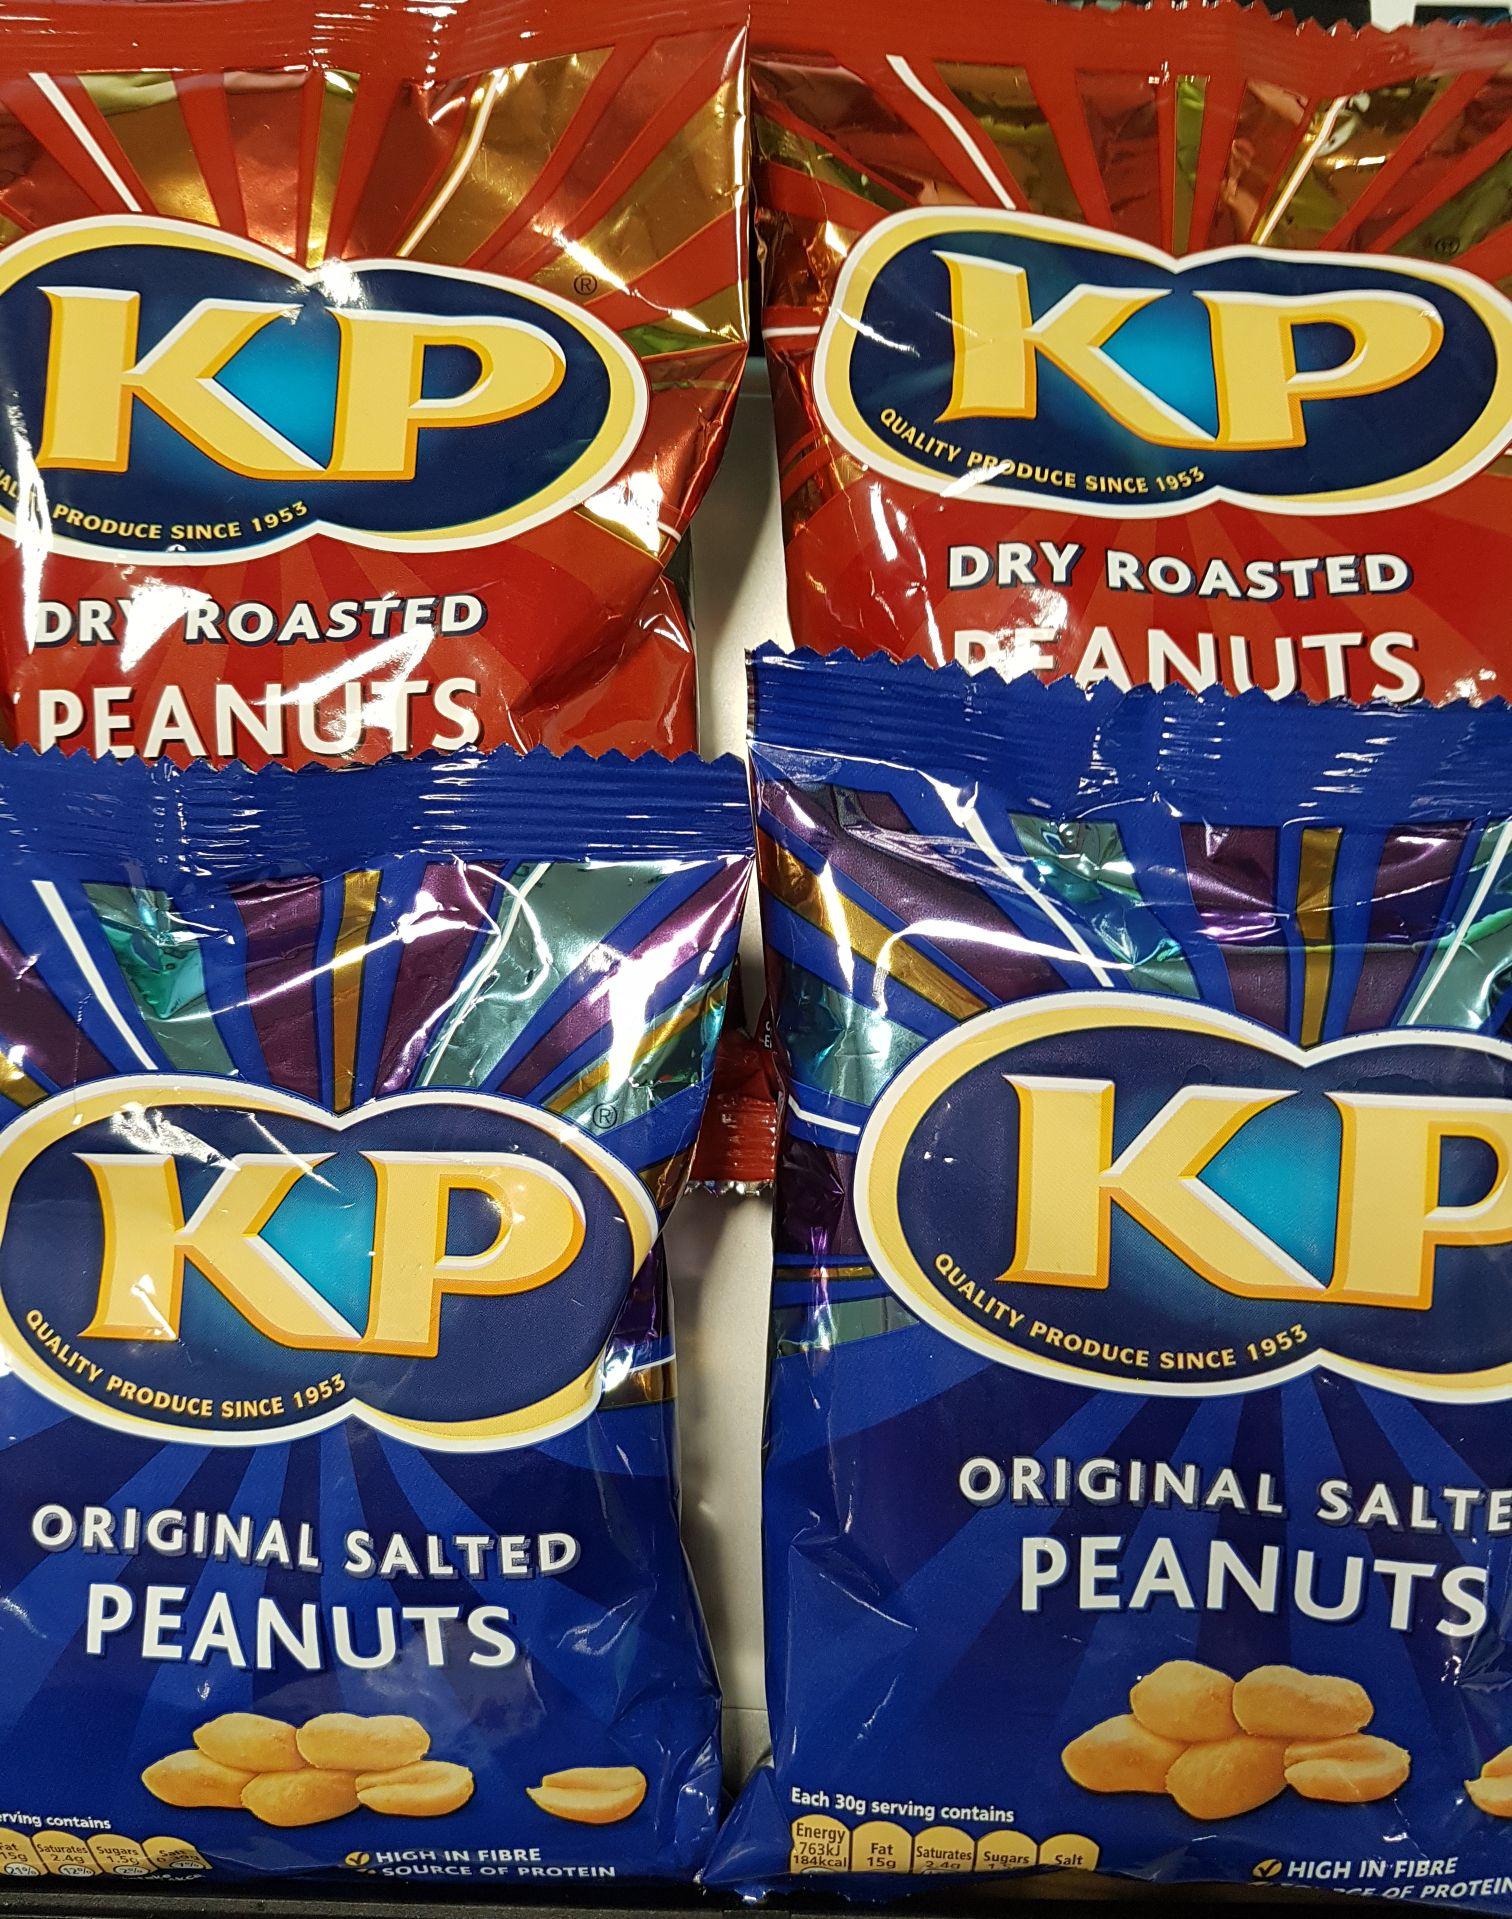 2 x 170g KP Salted or 170g Dry Roast Peanuts £1.50 @ Heron